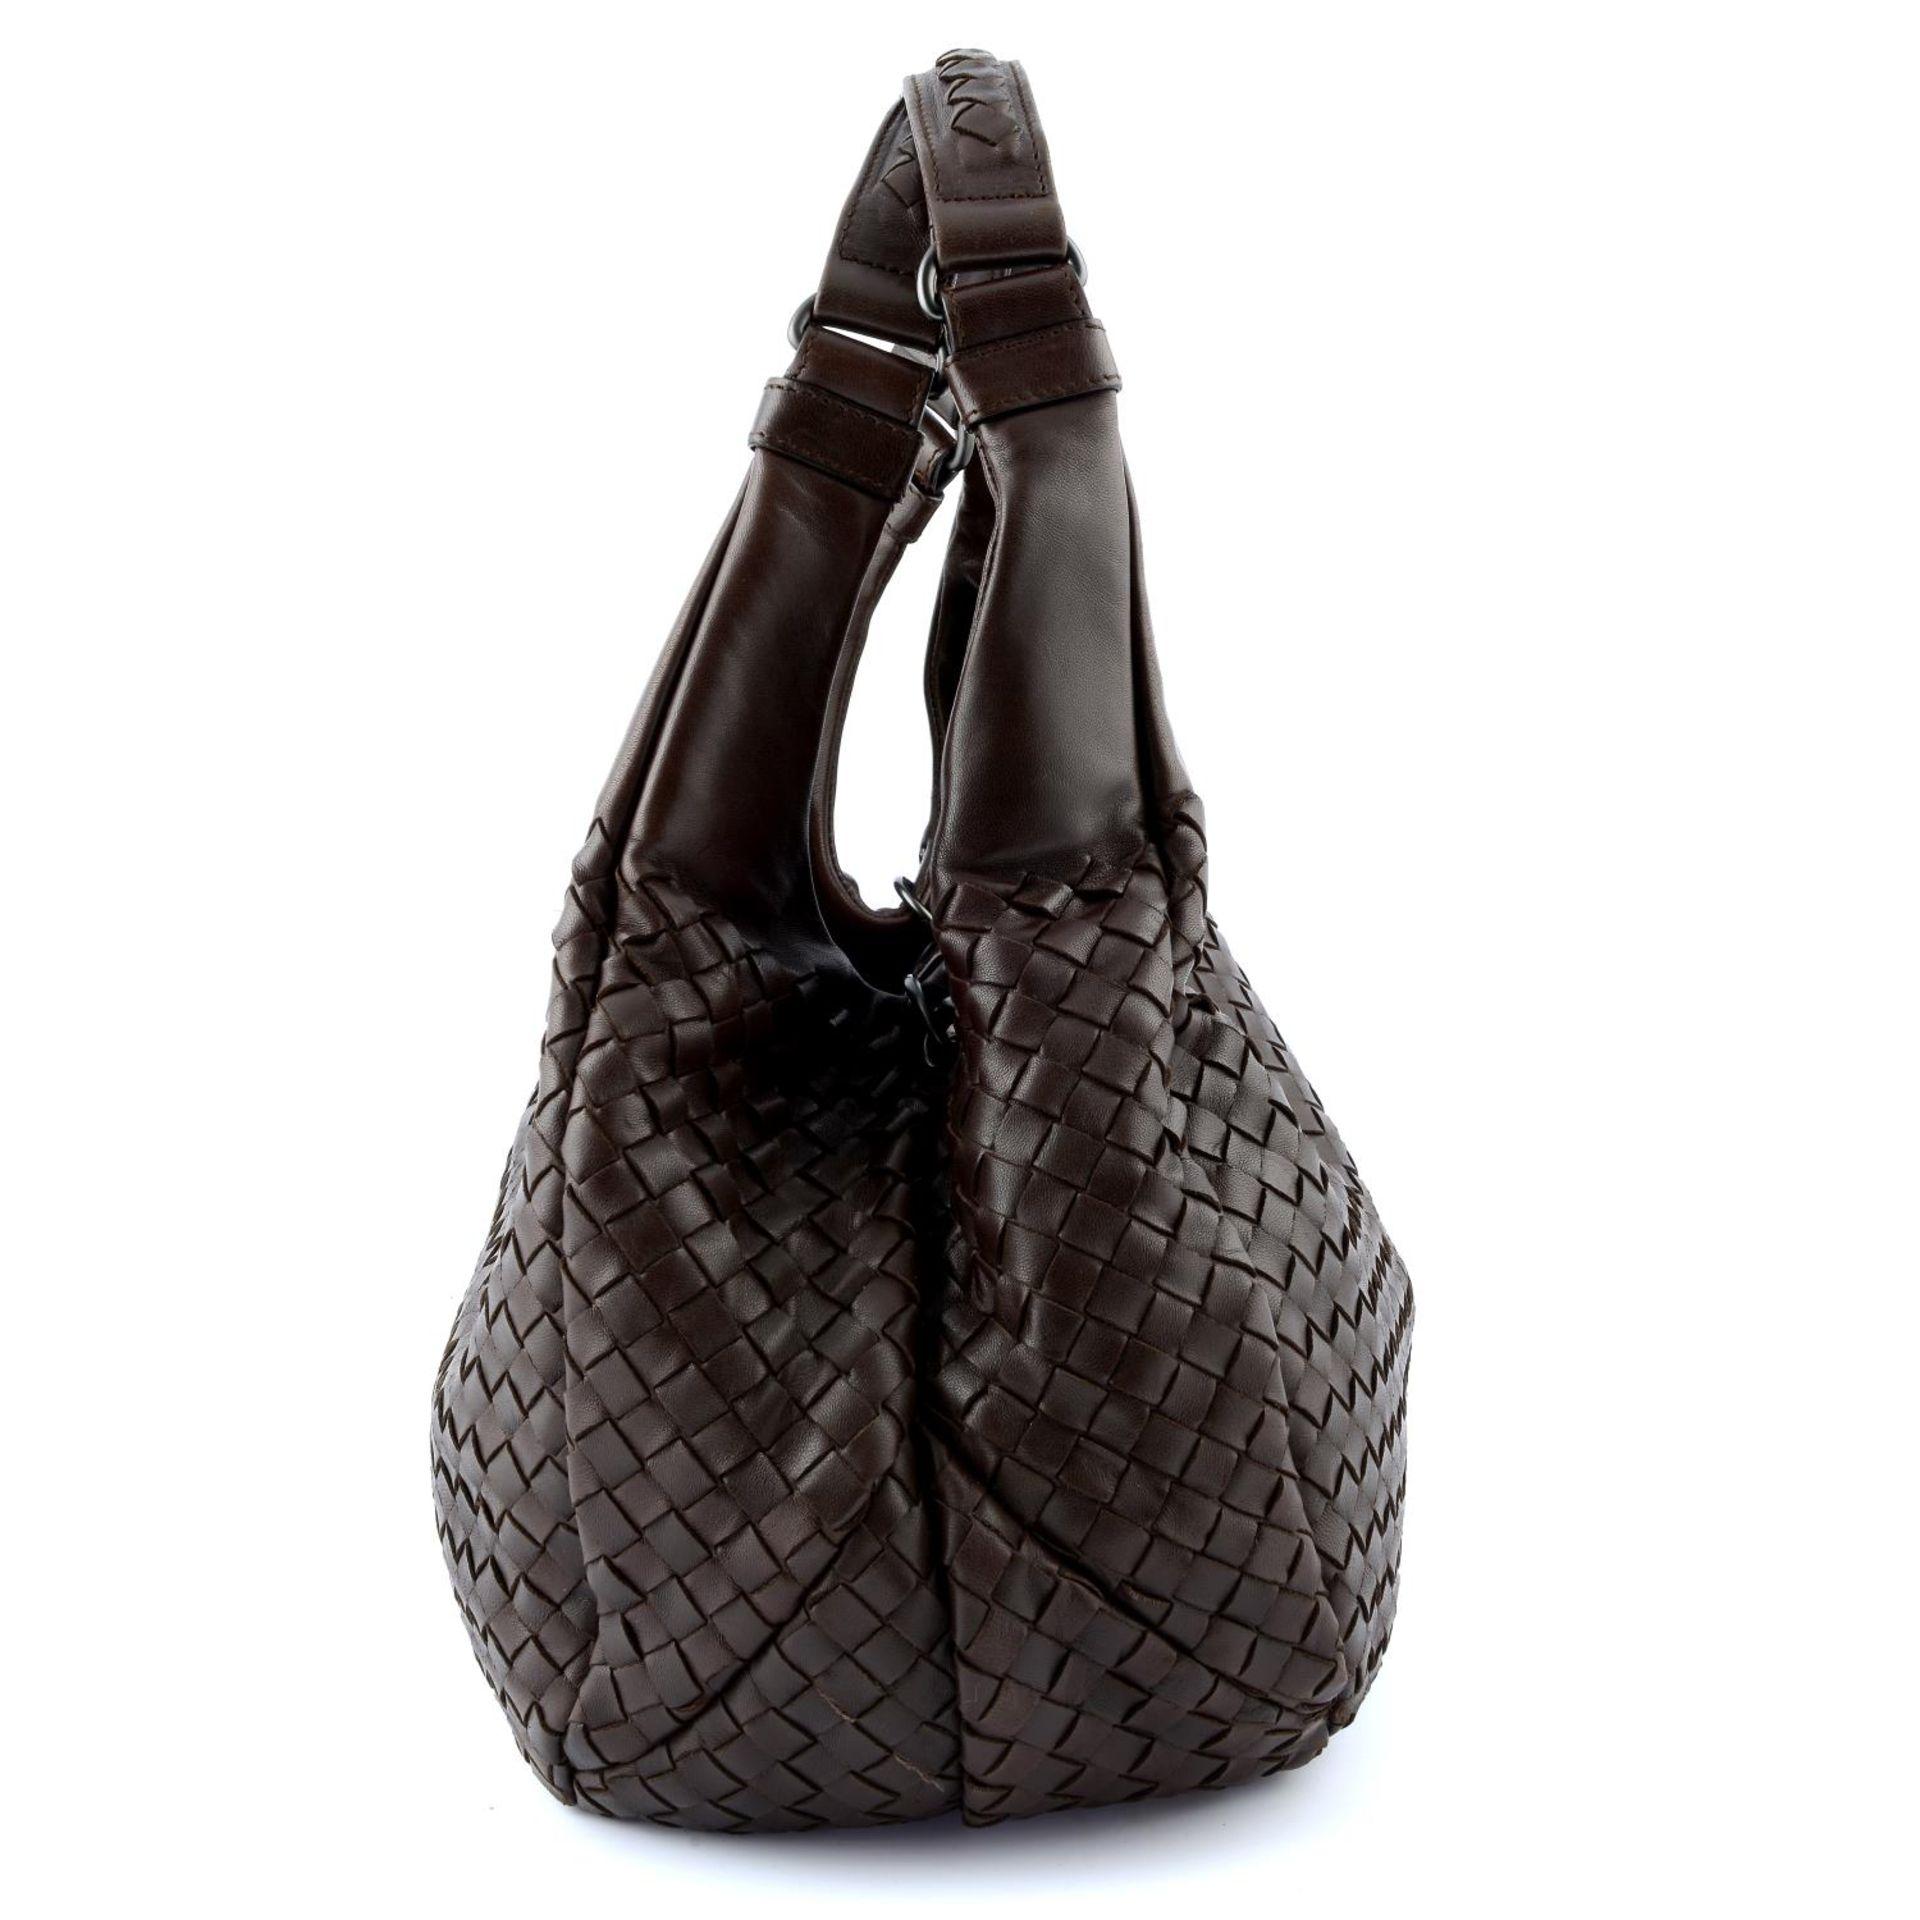 BOTTEGA VENETA - a woven leather Campana hobo handbag. - Image 3 of 6